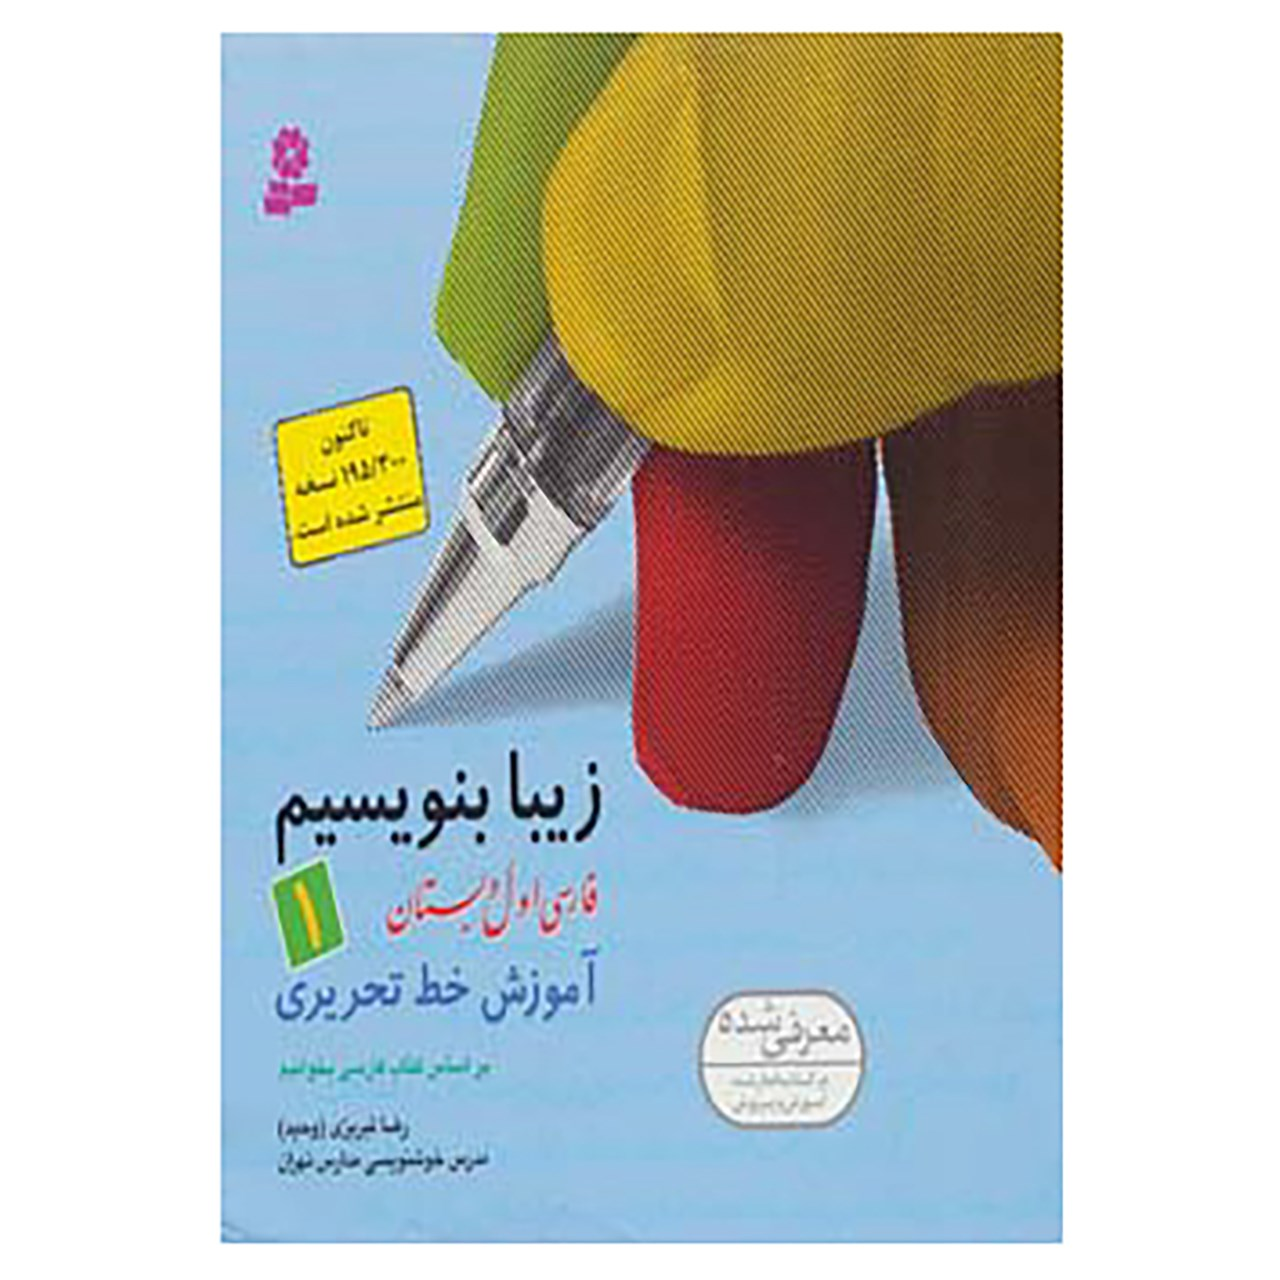 خرید                      کتاب زیبا بنویسیم 1 اثر رضا تبریزی